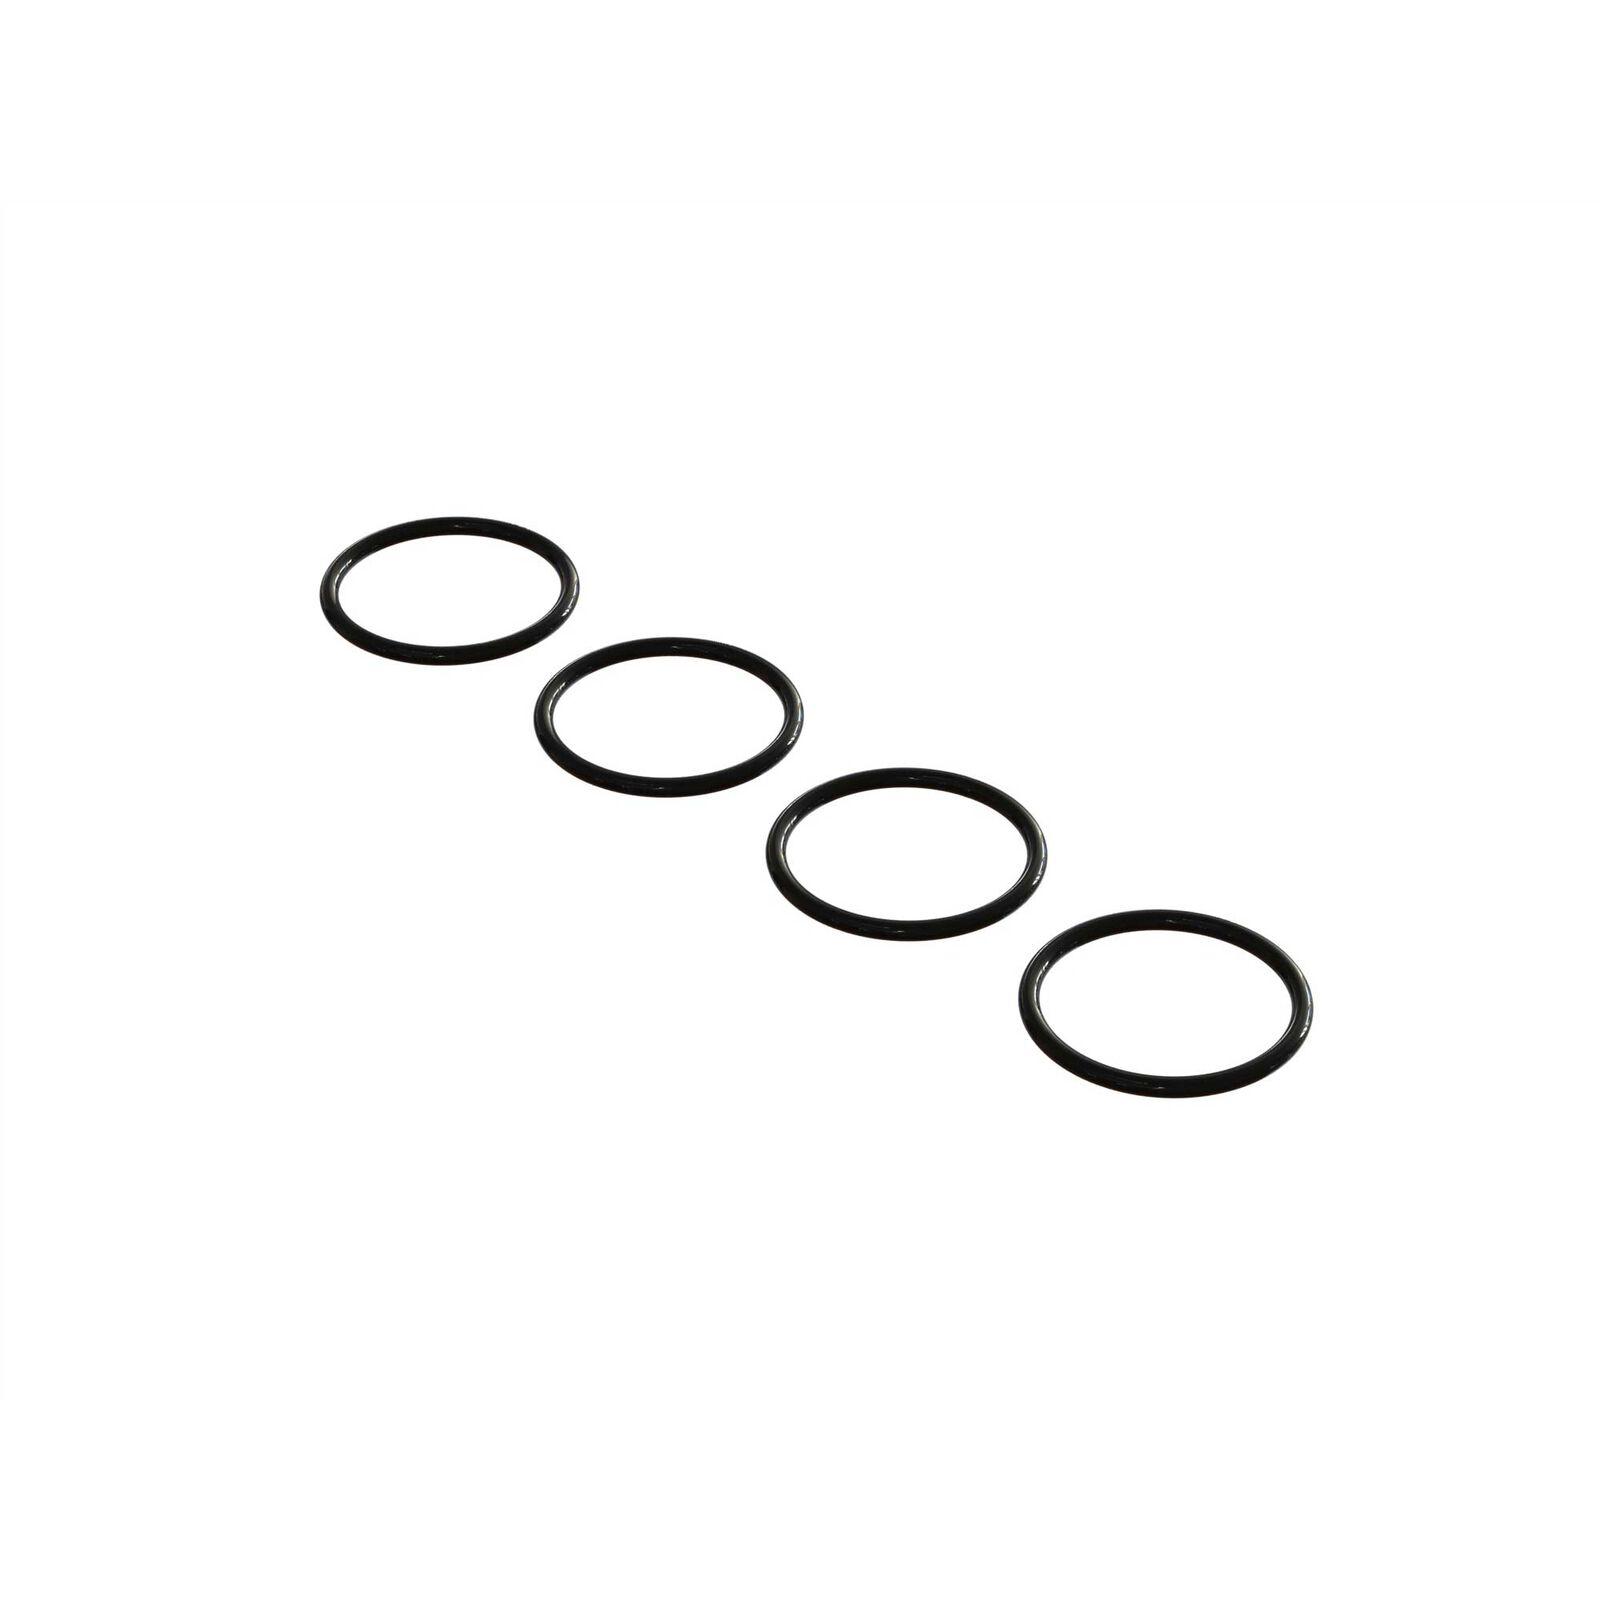 O-Ring, 16.4x1.2mm (4)